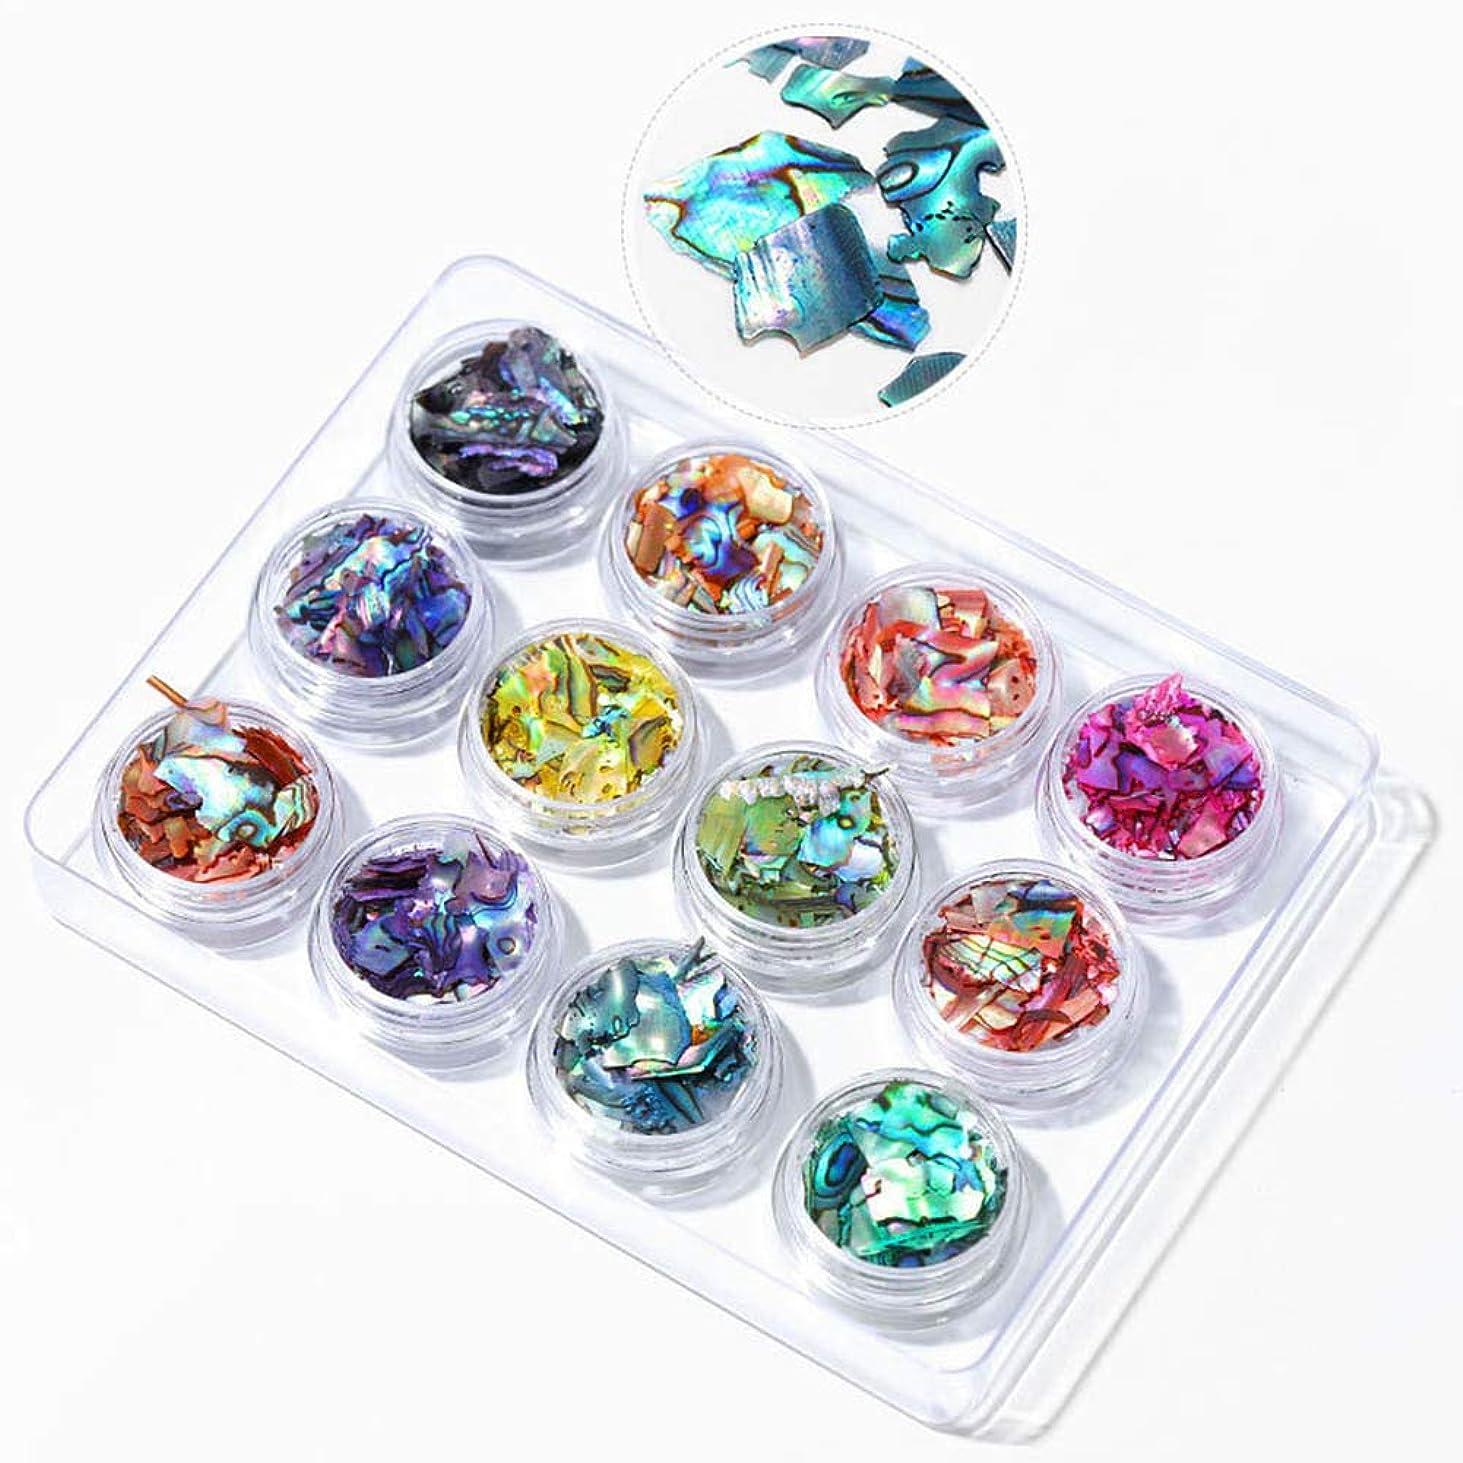 干渉する魅了するゴージャスMurakush 12個ネイル装飾品シェルピース色とりどりのアワビピースミラージュピース BKT01